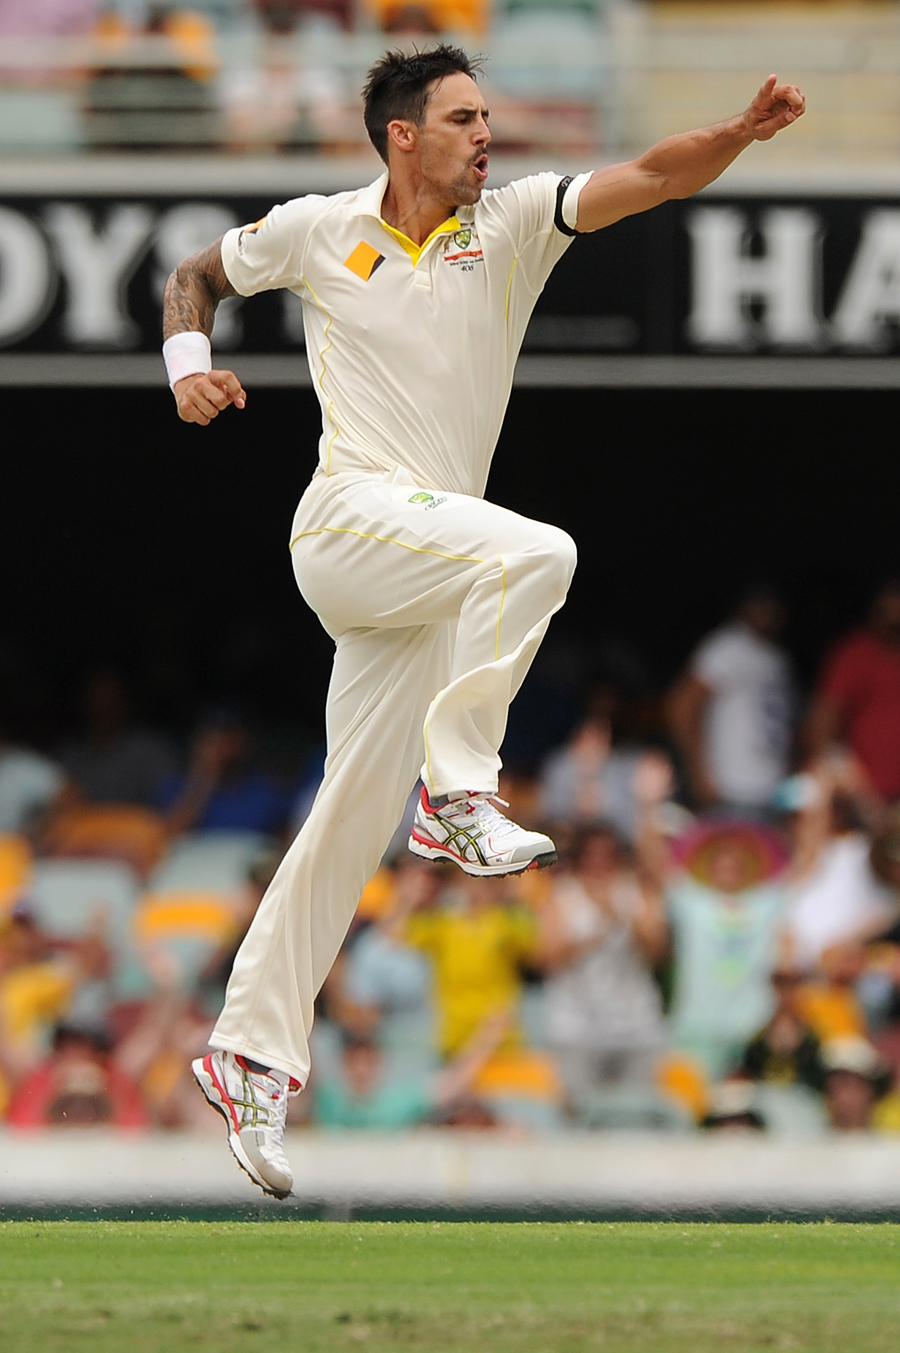 مچل جانسن کی تباہ کن باؤلنگ کے سامنے بھارت کی ایک نہ چلی اور وہ آسٹریلیا کو صرف 128 رنز کا ہدف دے پایا (تصویر: Cricket Australia)